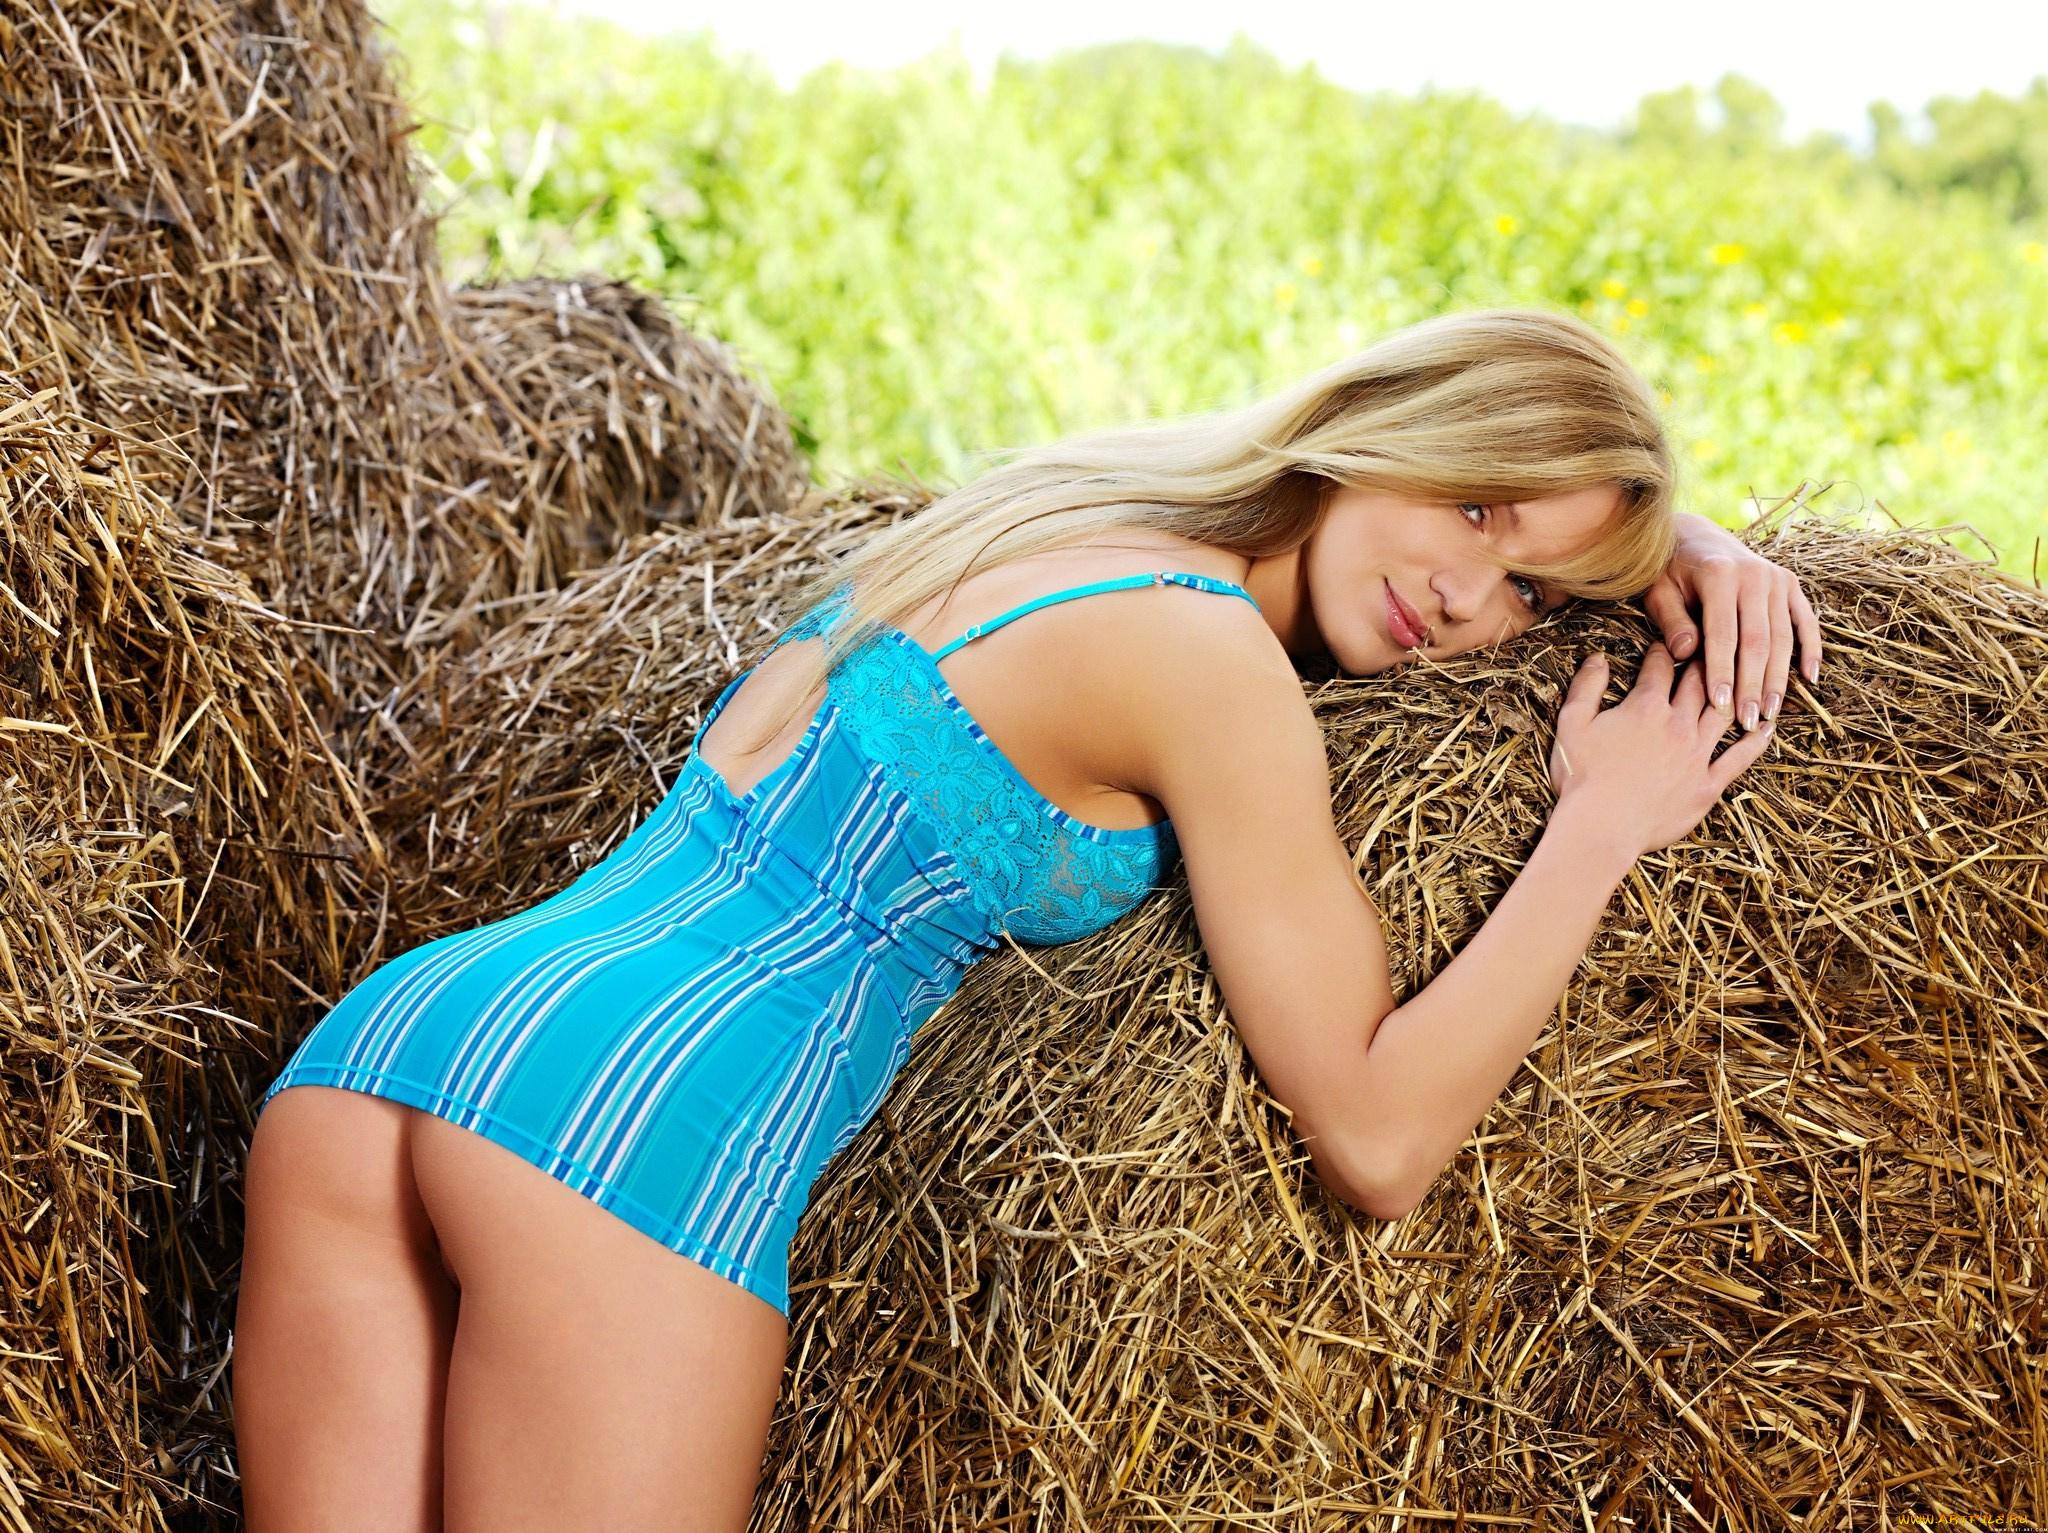 Яйца деревенские полуголые девушки тулы проститутки